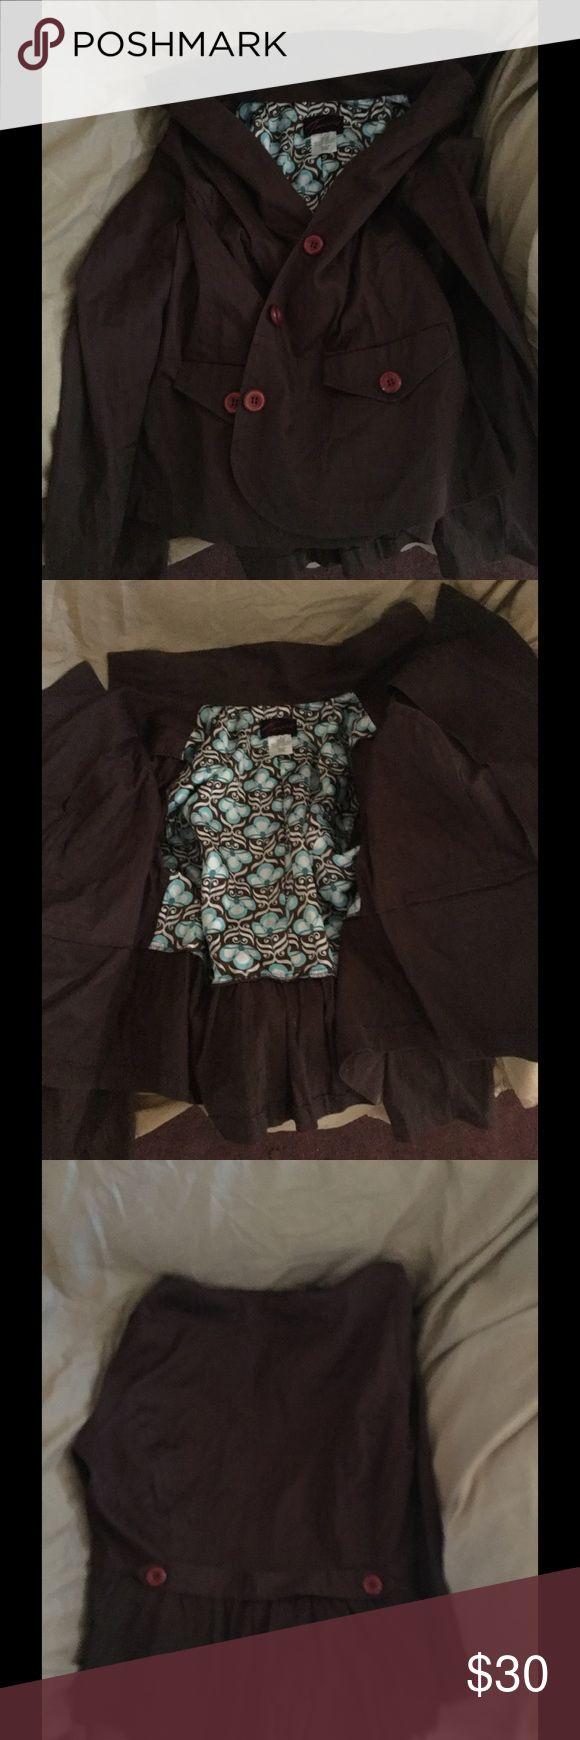 Torrid Brown blazer In good condition I've never wore it Jackets & Coats Blazers